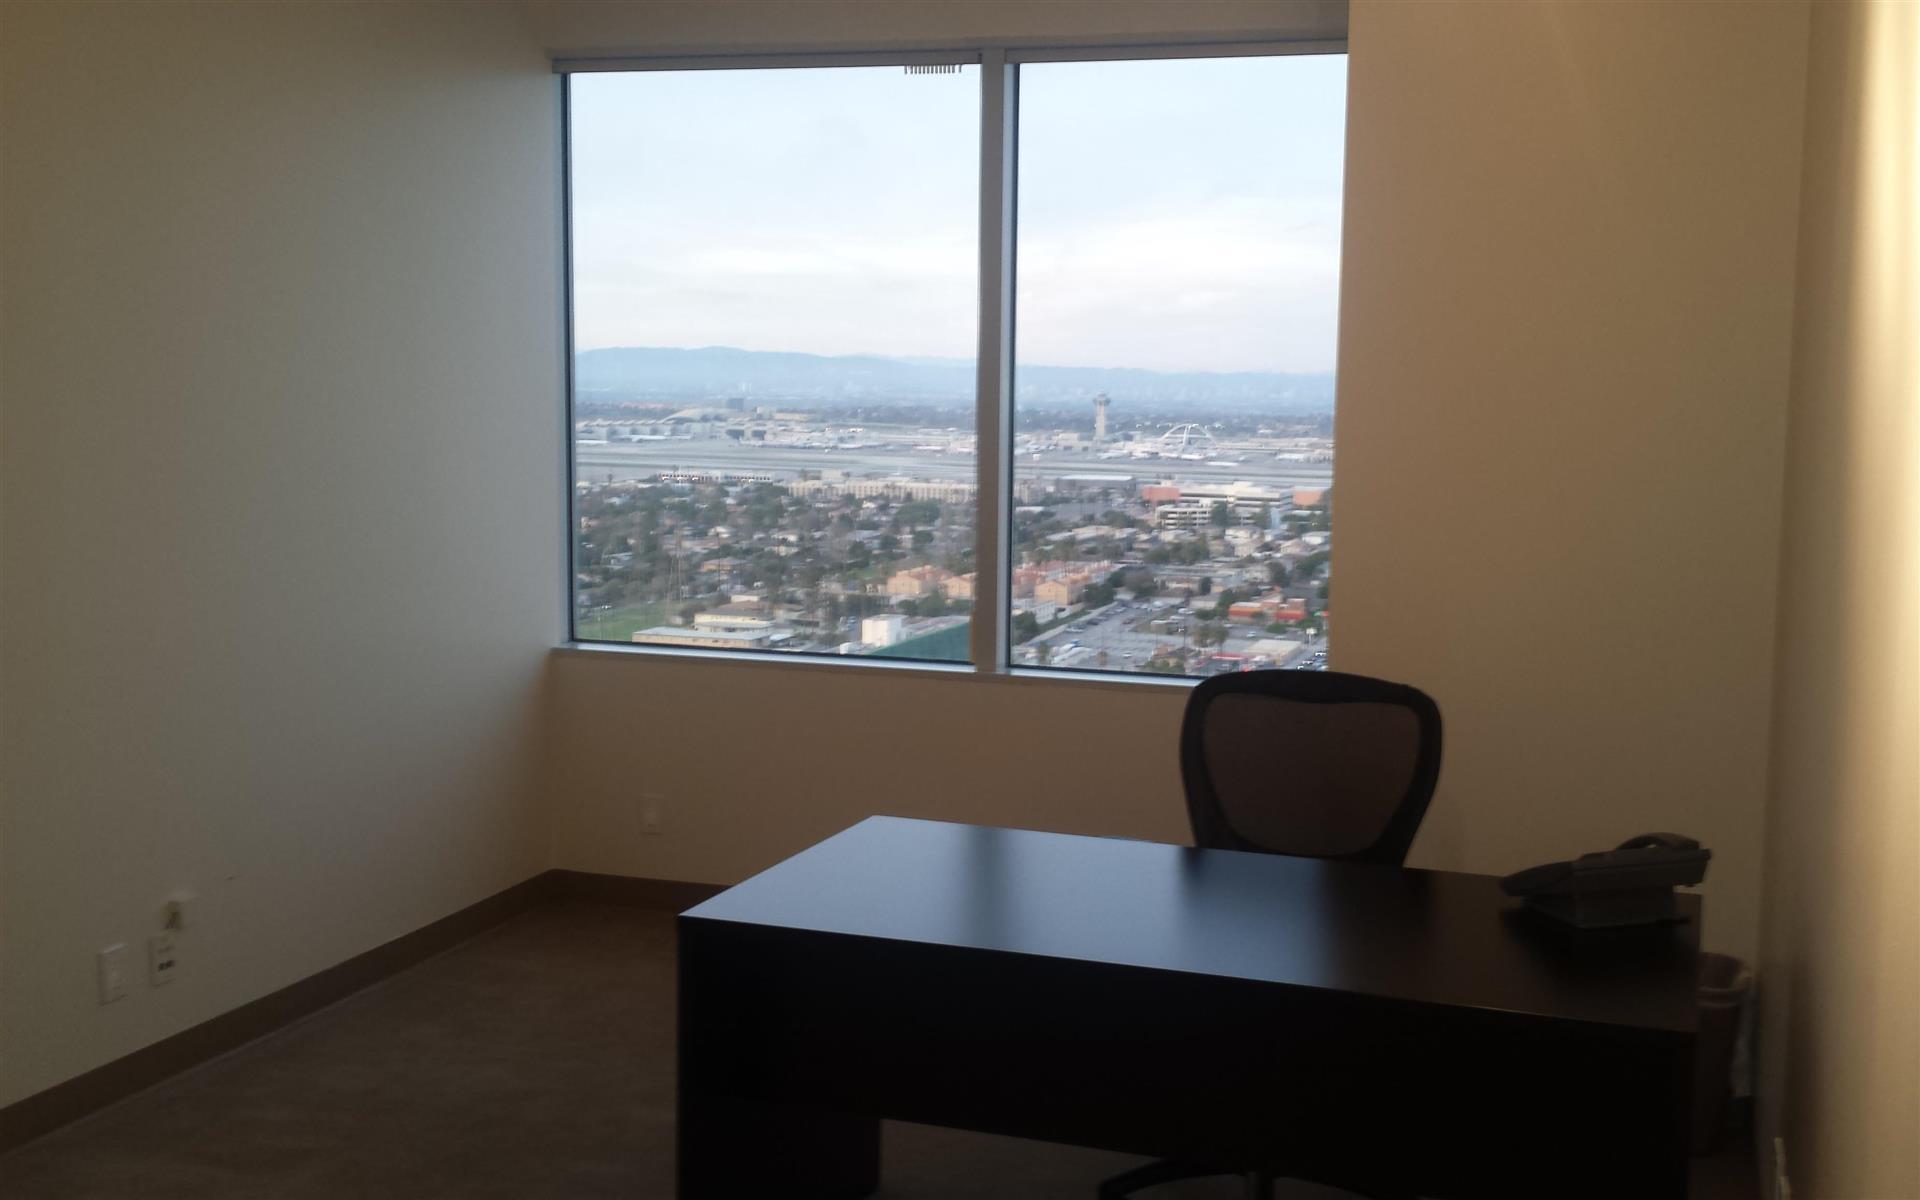 (ELS) El Segundo - Exterior Office